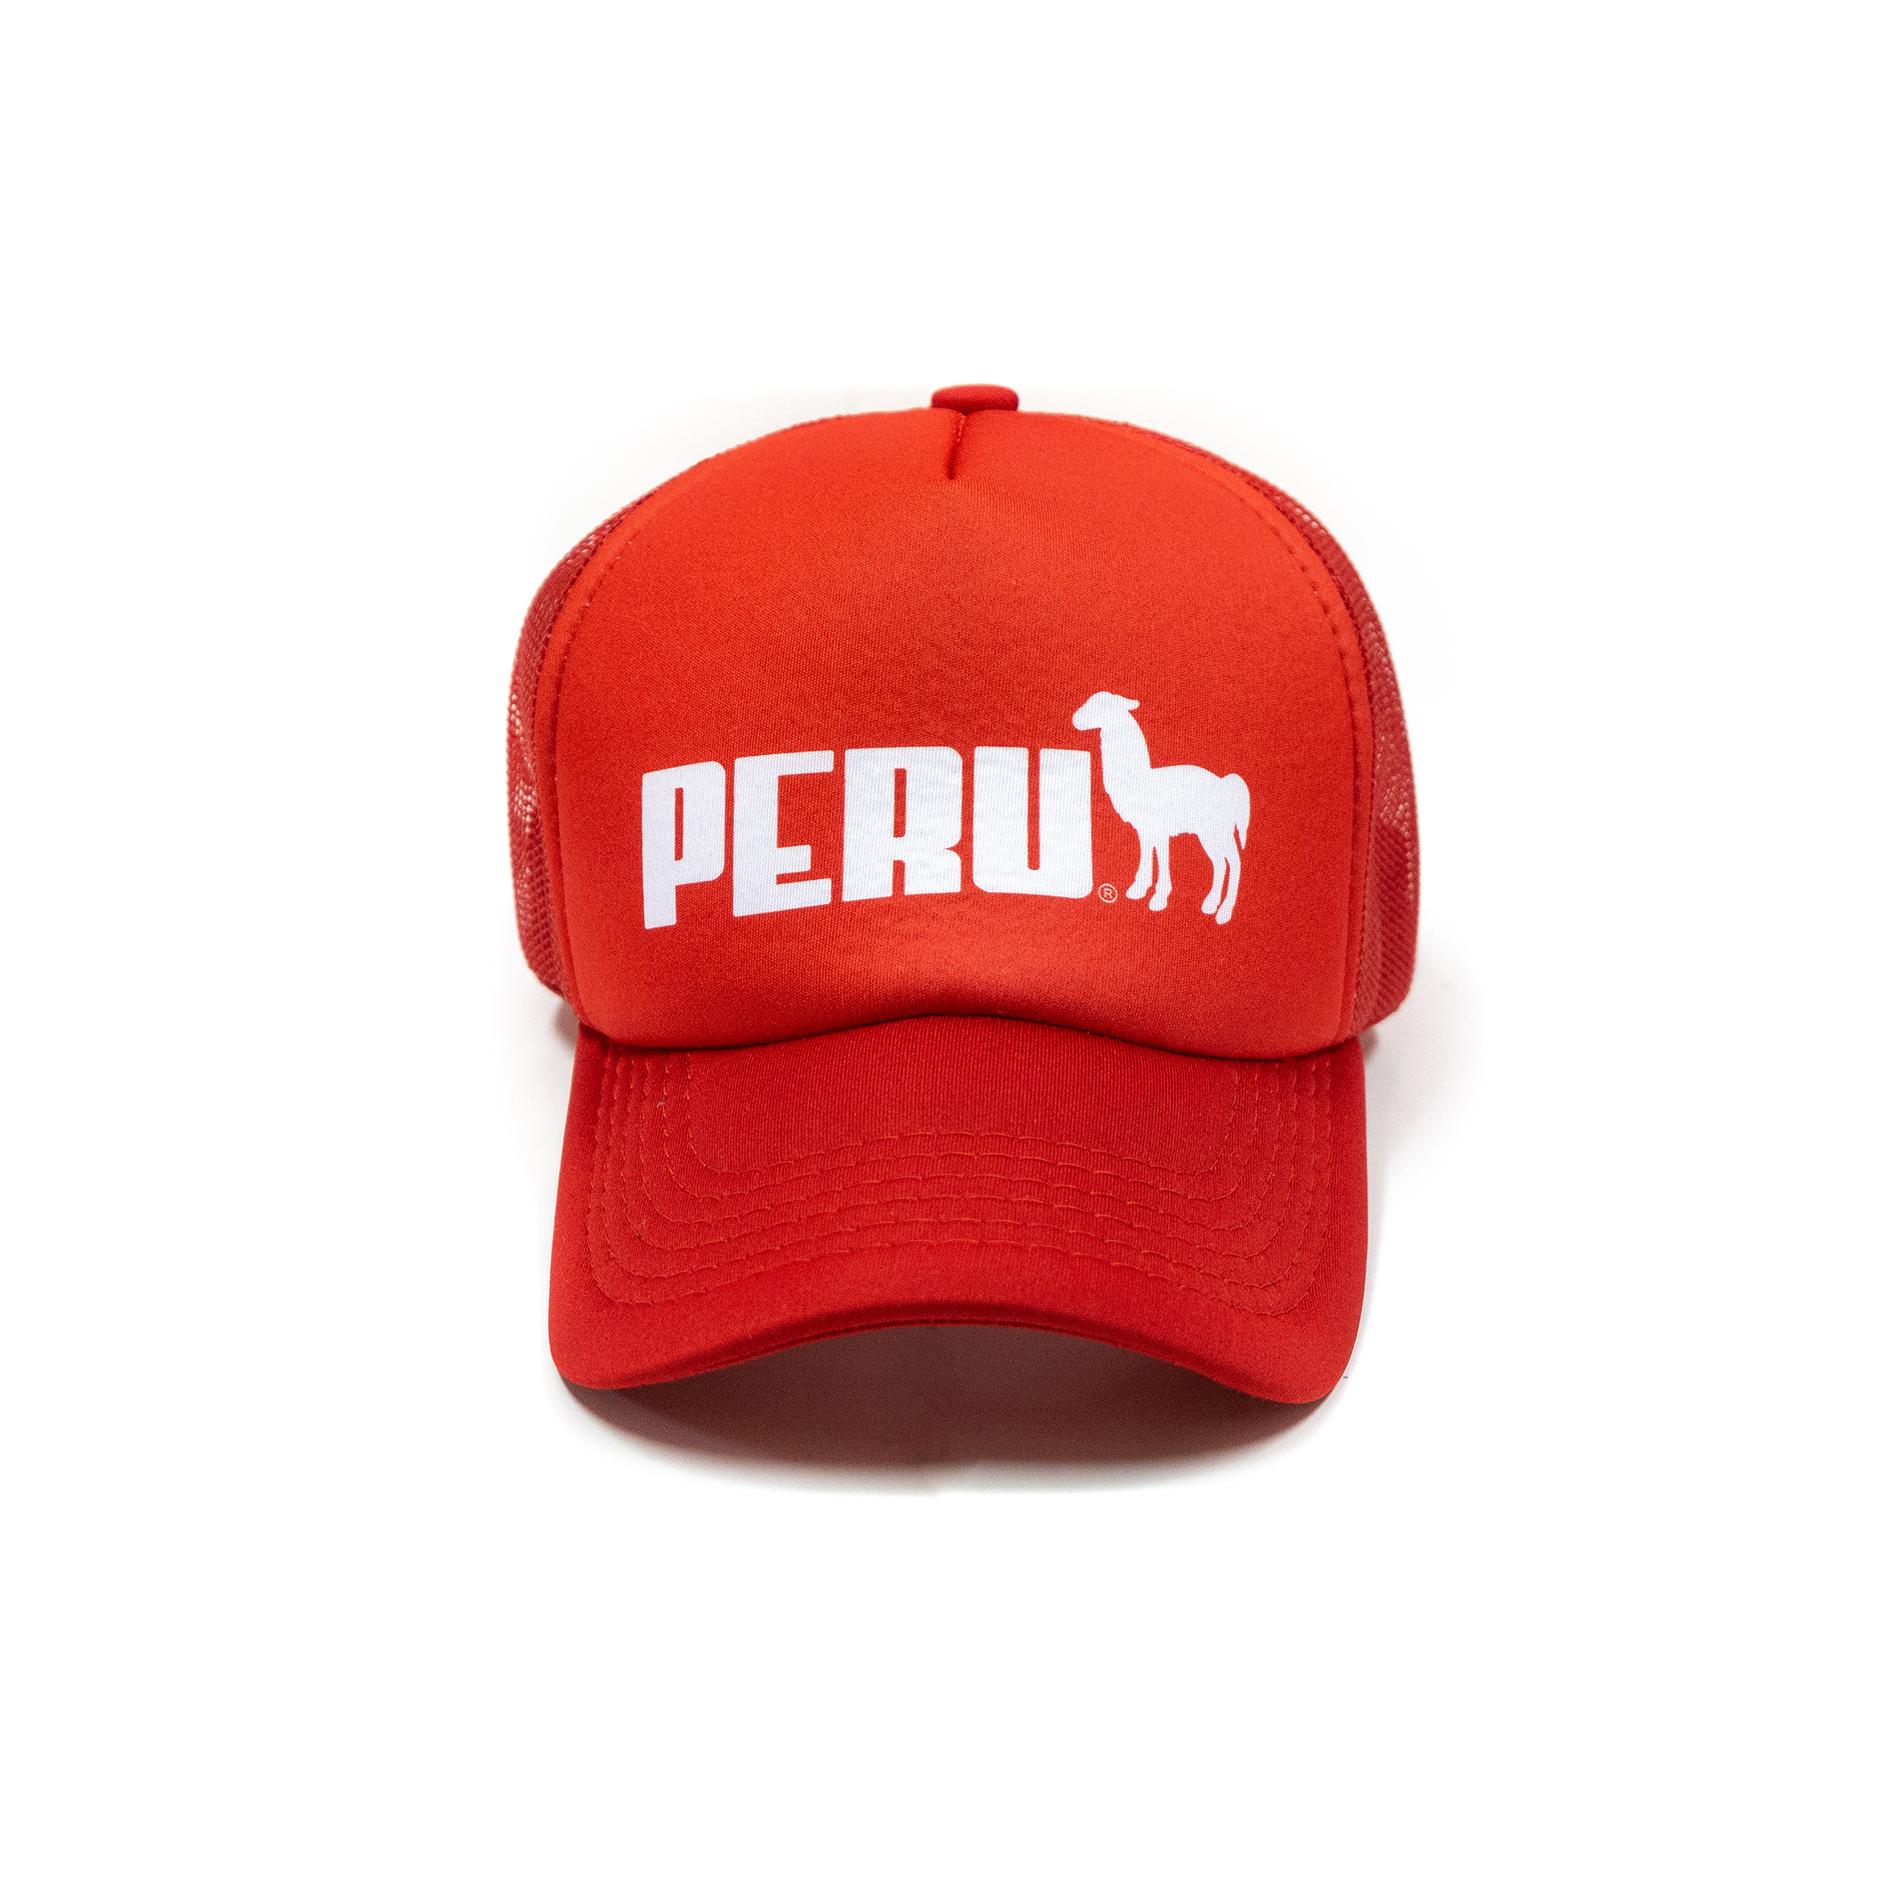 Inicio   Accesorios   Gorras   Gorra – Perú Llama 7429fbad494